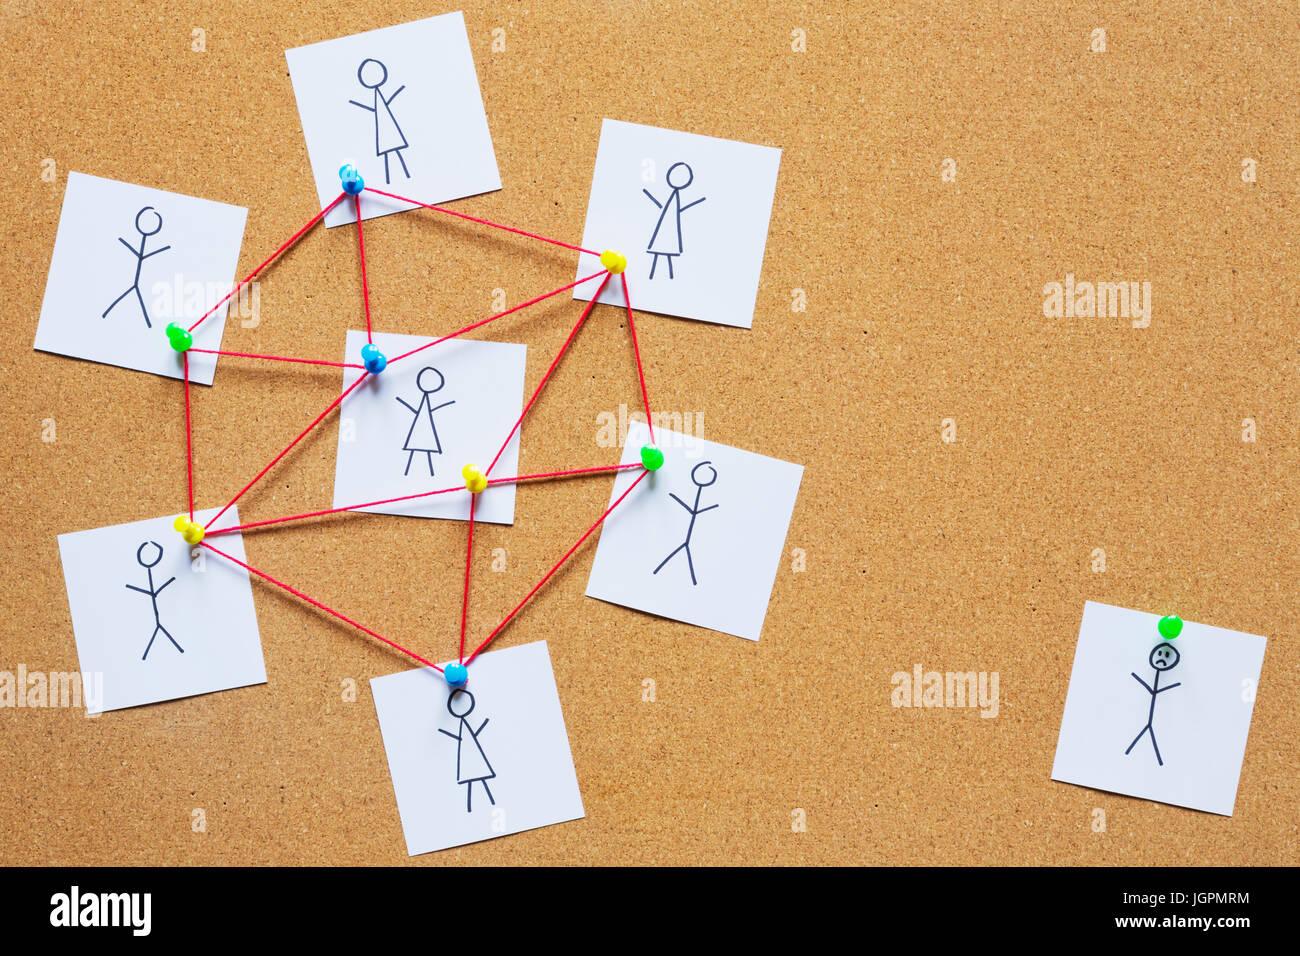 Visualisation d'une seule personne qui n'est pas raccord dans le groupe sur un babillard en liège. Photo Stock